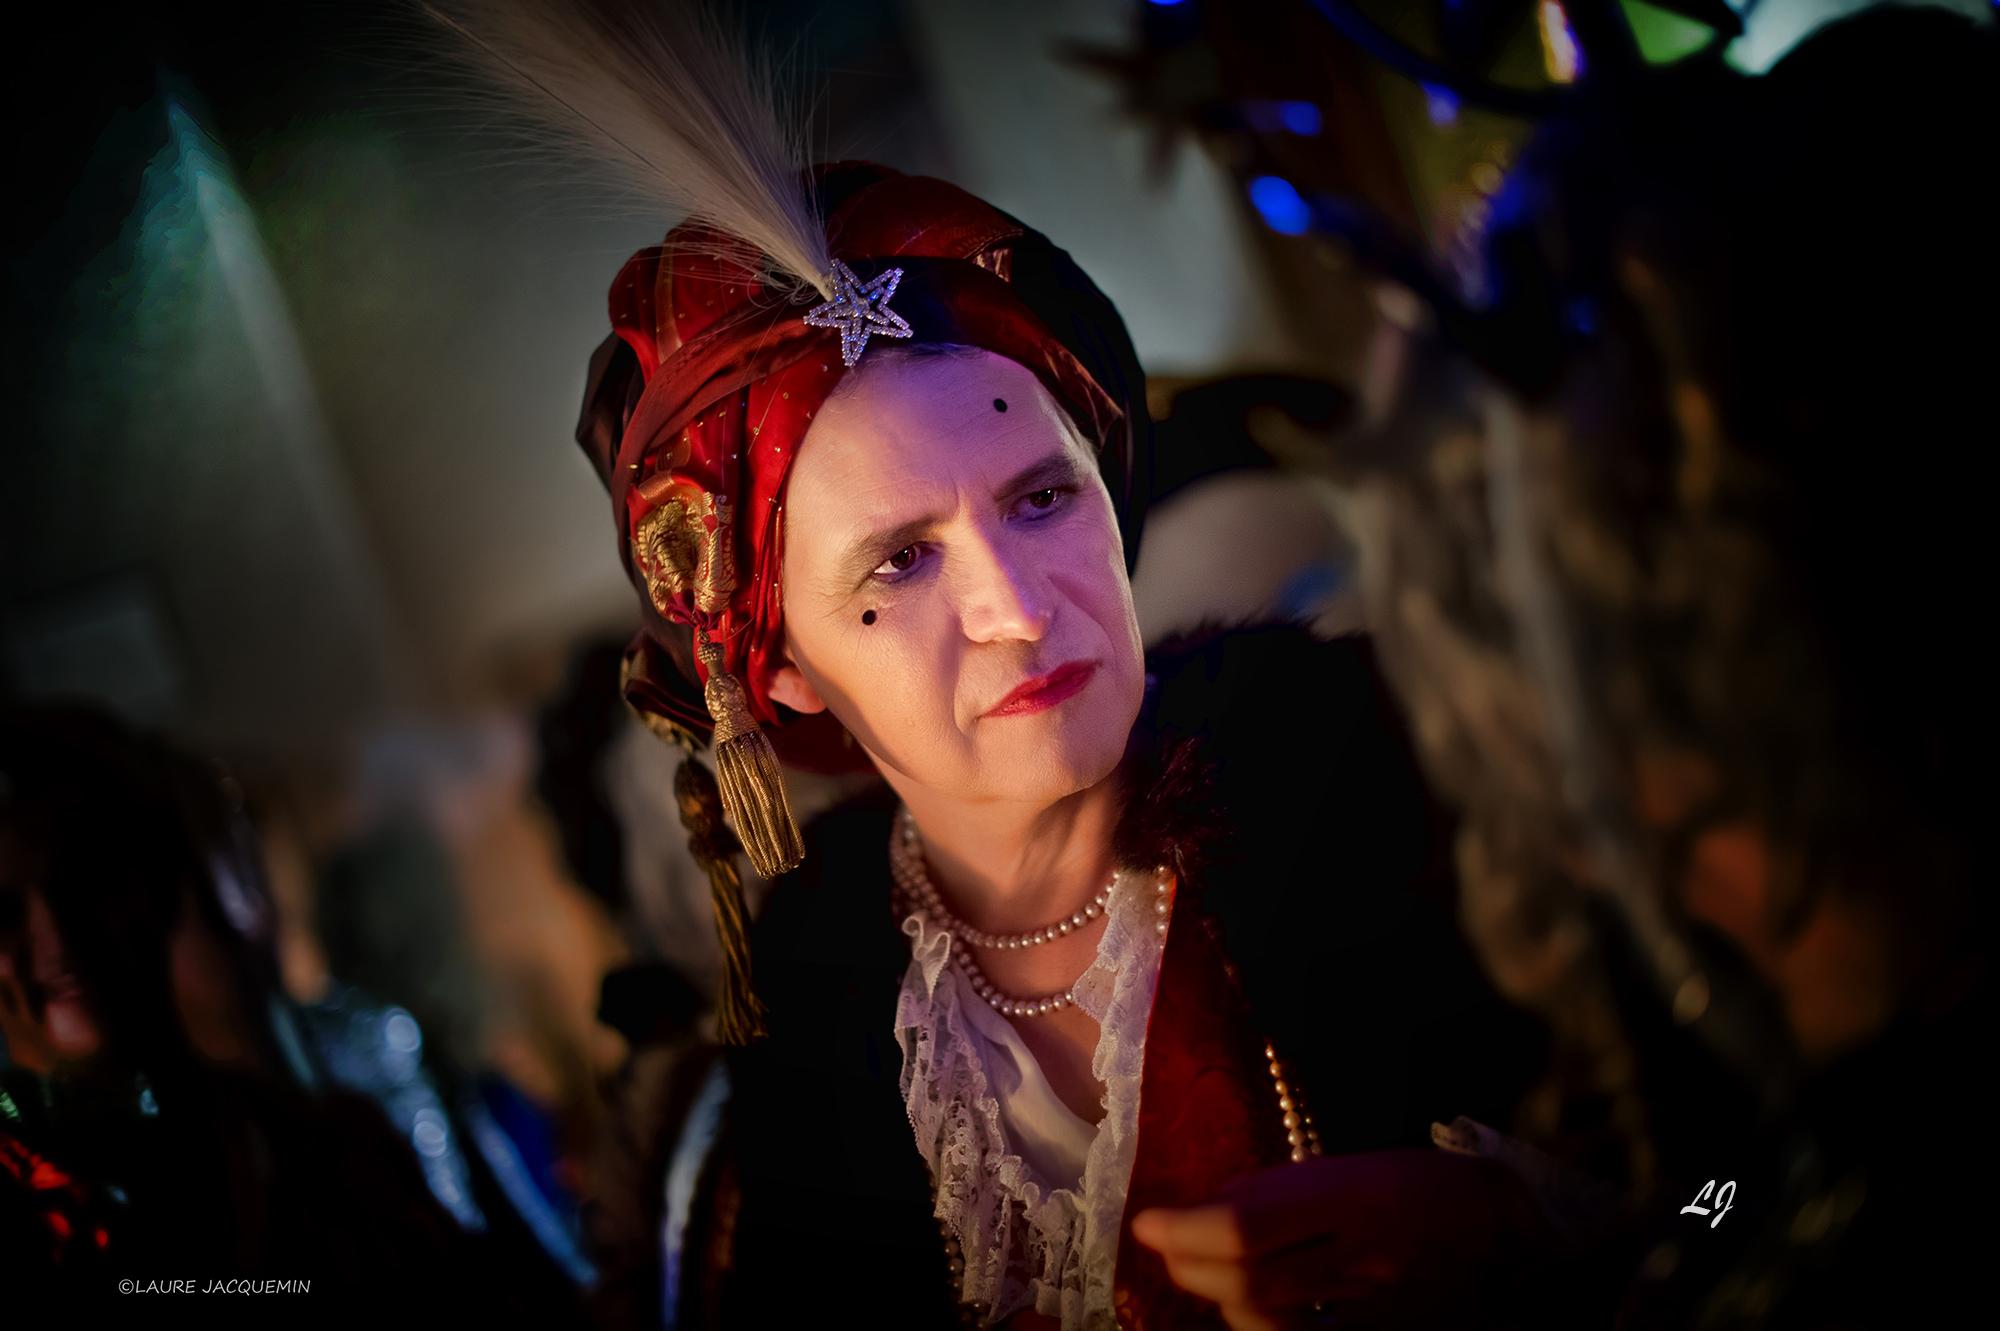 Meilleur photos Carnaval de Venise 2018 laure jacquemin (29)